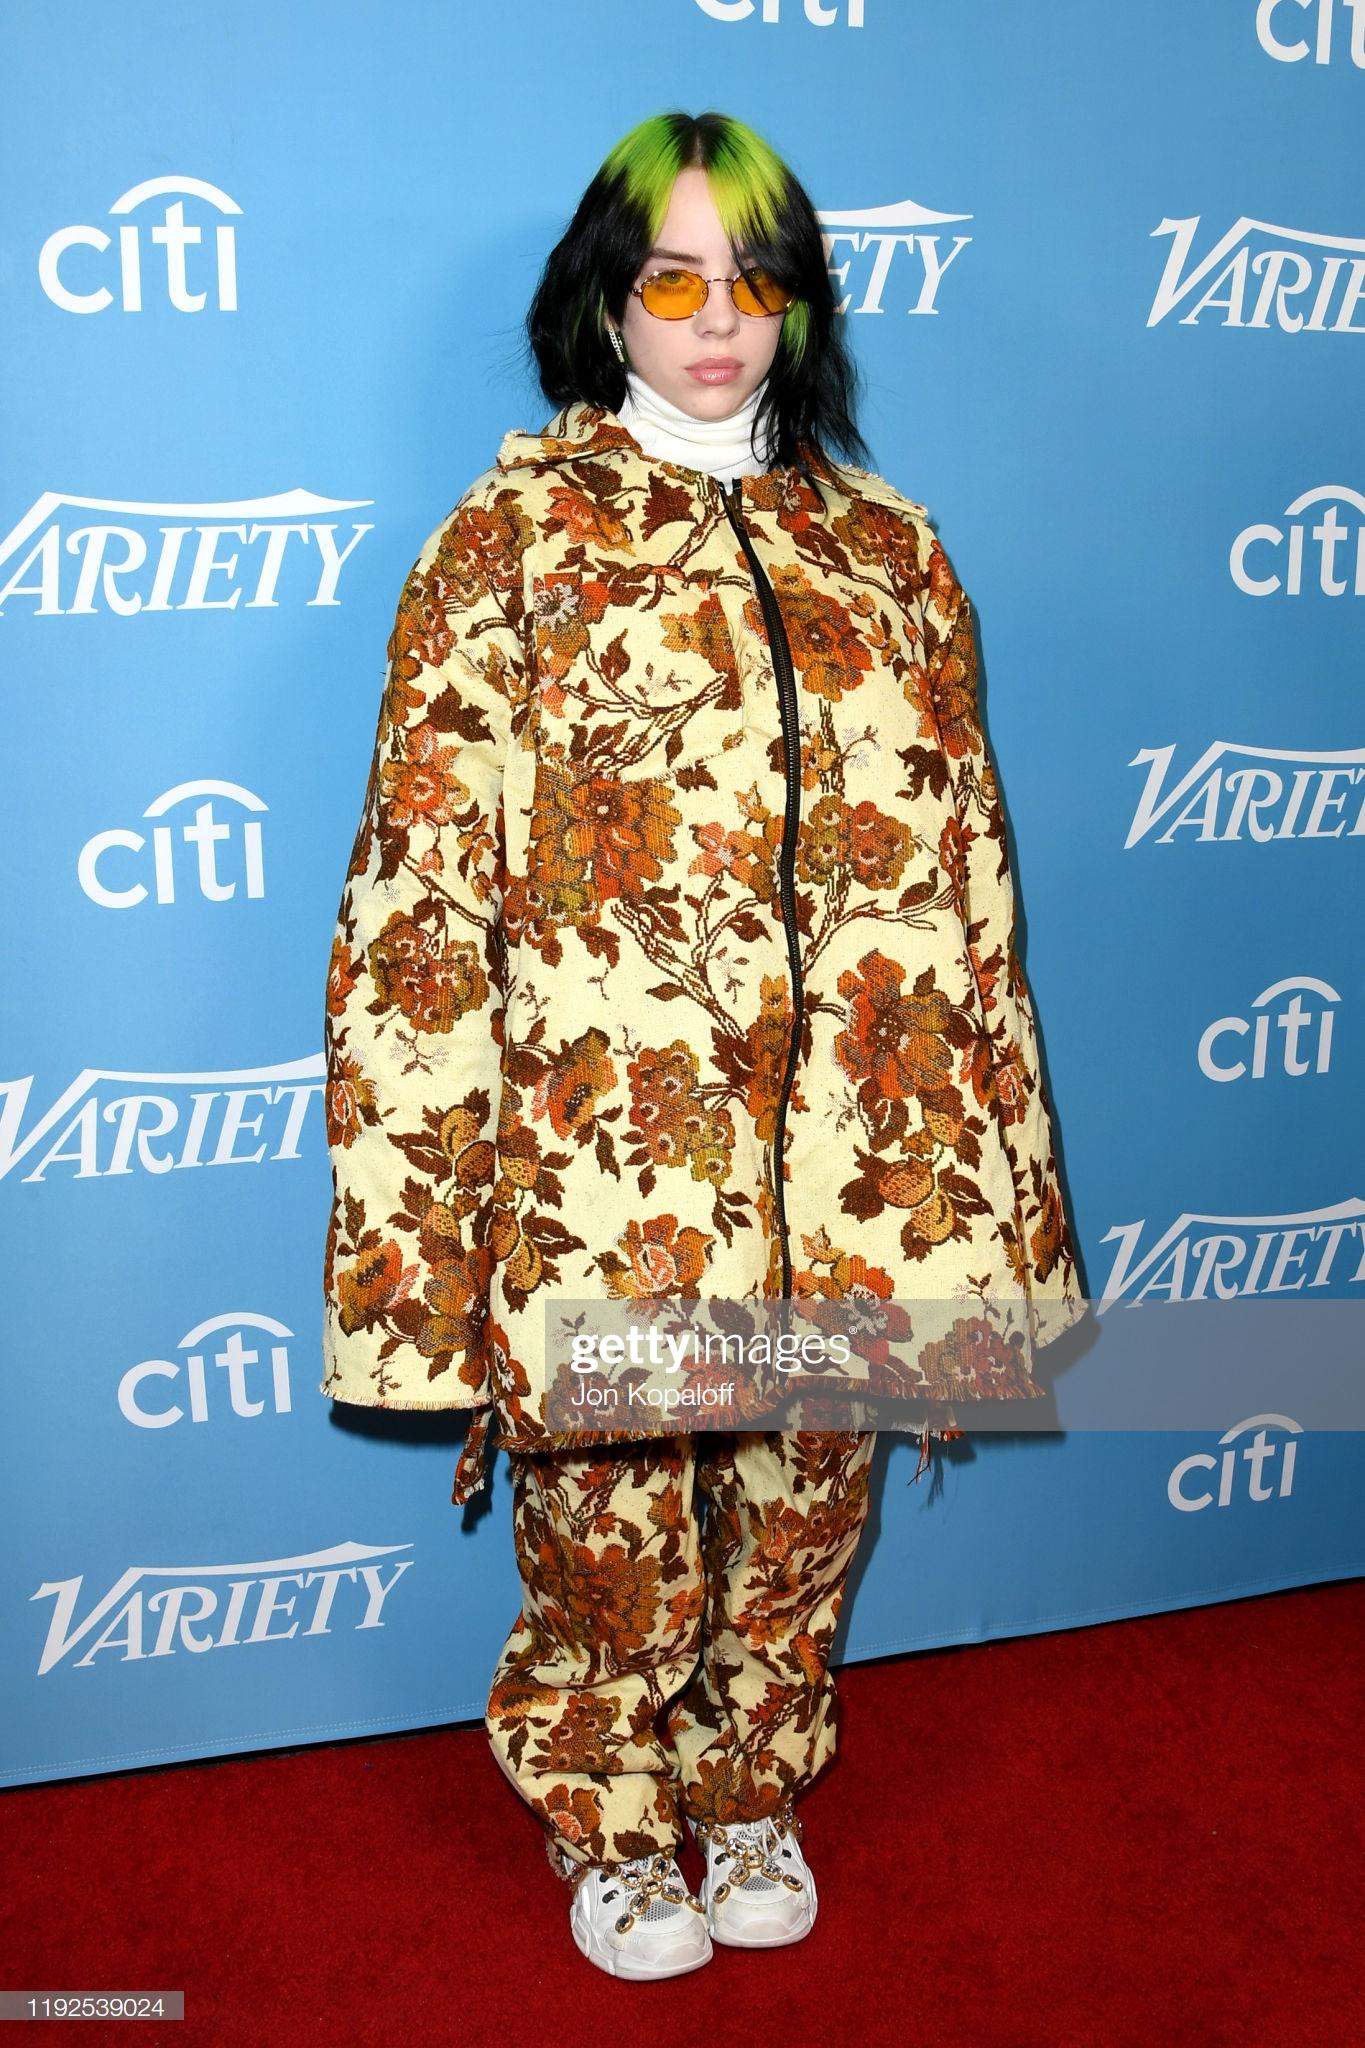 Nếu cho trang phục của Billie Eilish là đẹp thì khái niệm này chưa hẳn đúng, nhưng nếu nhắc đến nữ ca sĩ trẻ có gu ăn mặc cá tính, ấn tượng thì không thể không nhắc Billie Eilish.